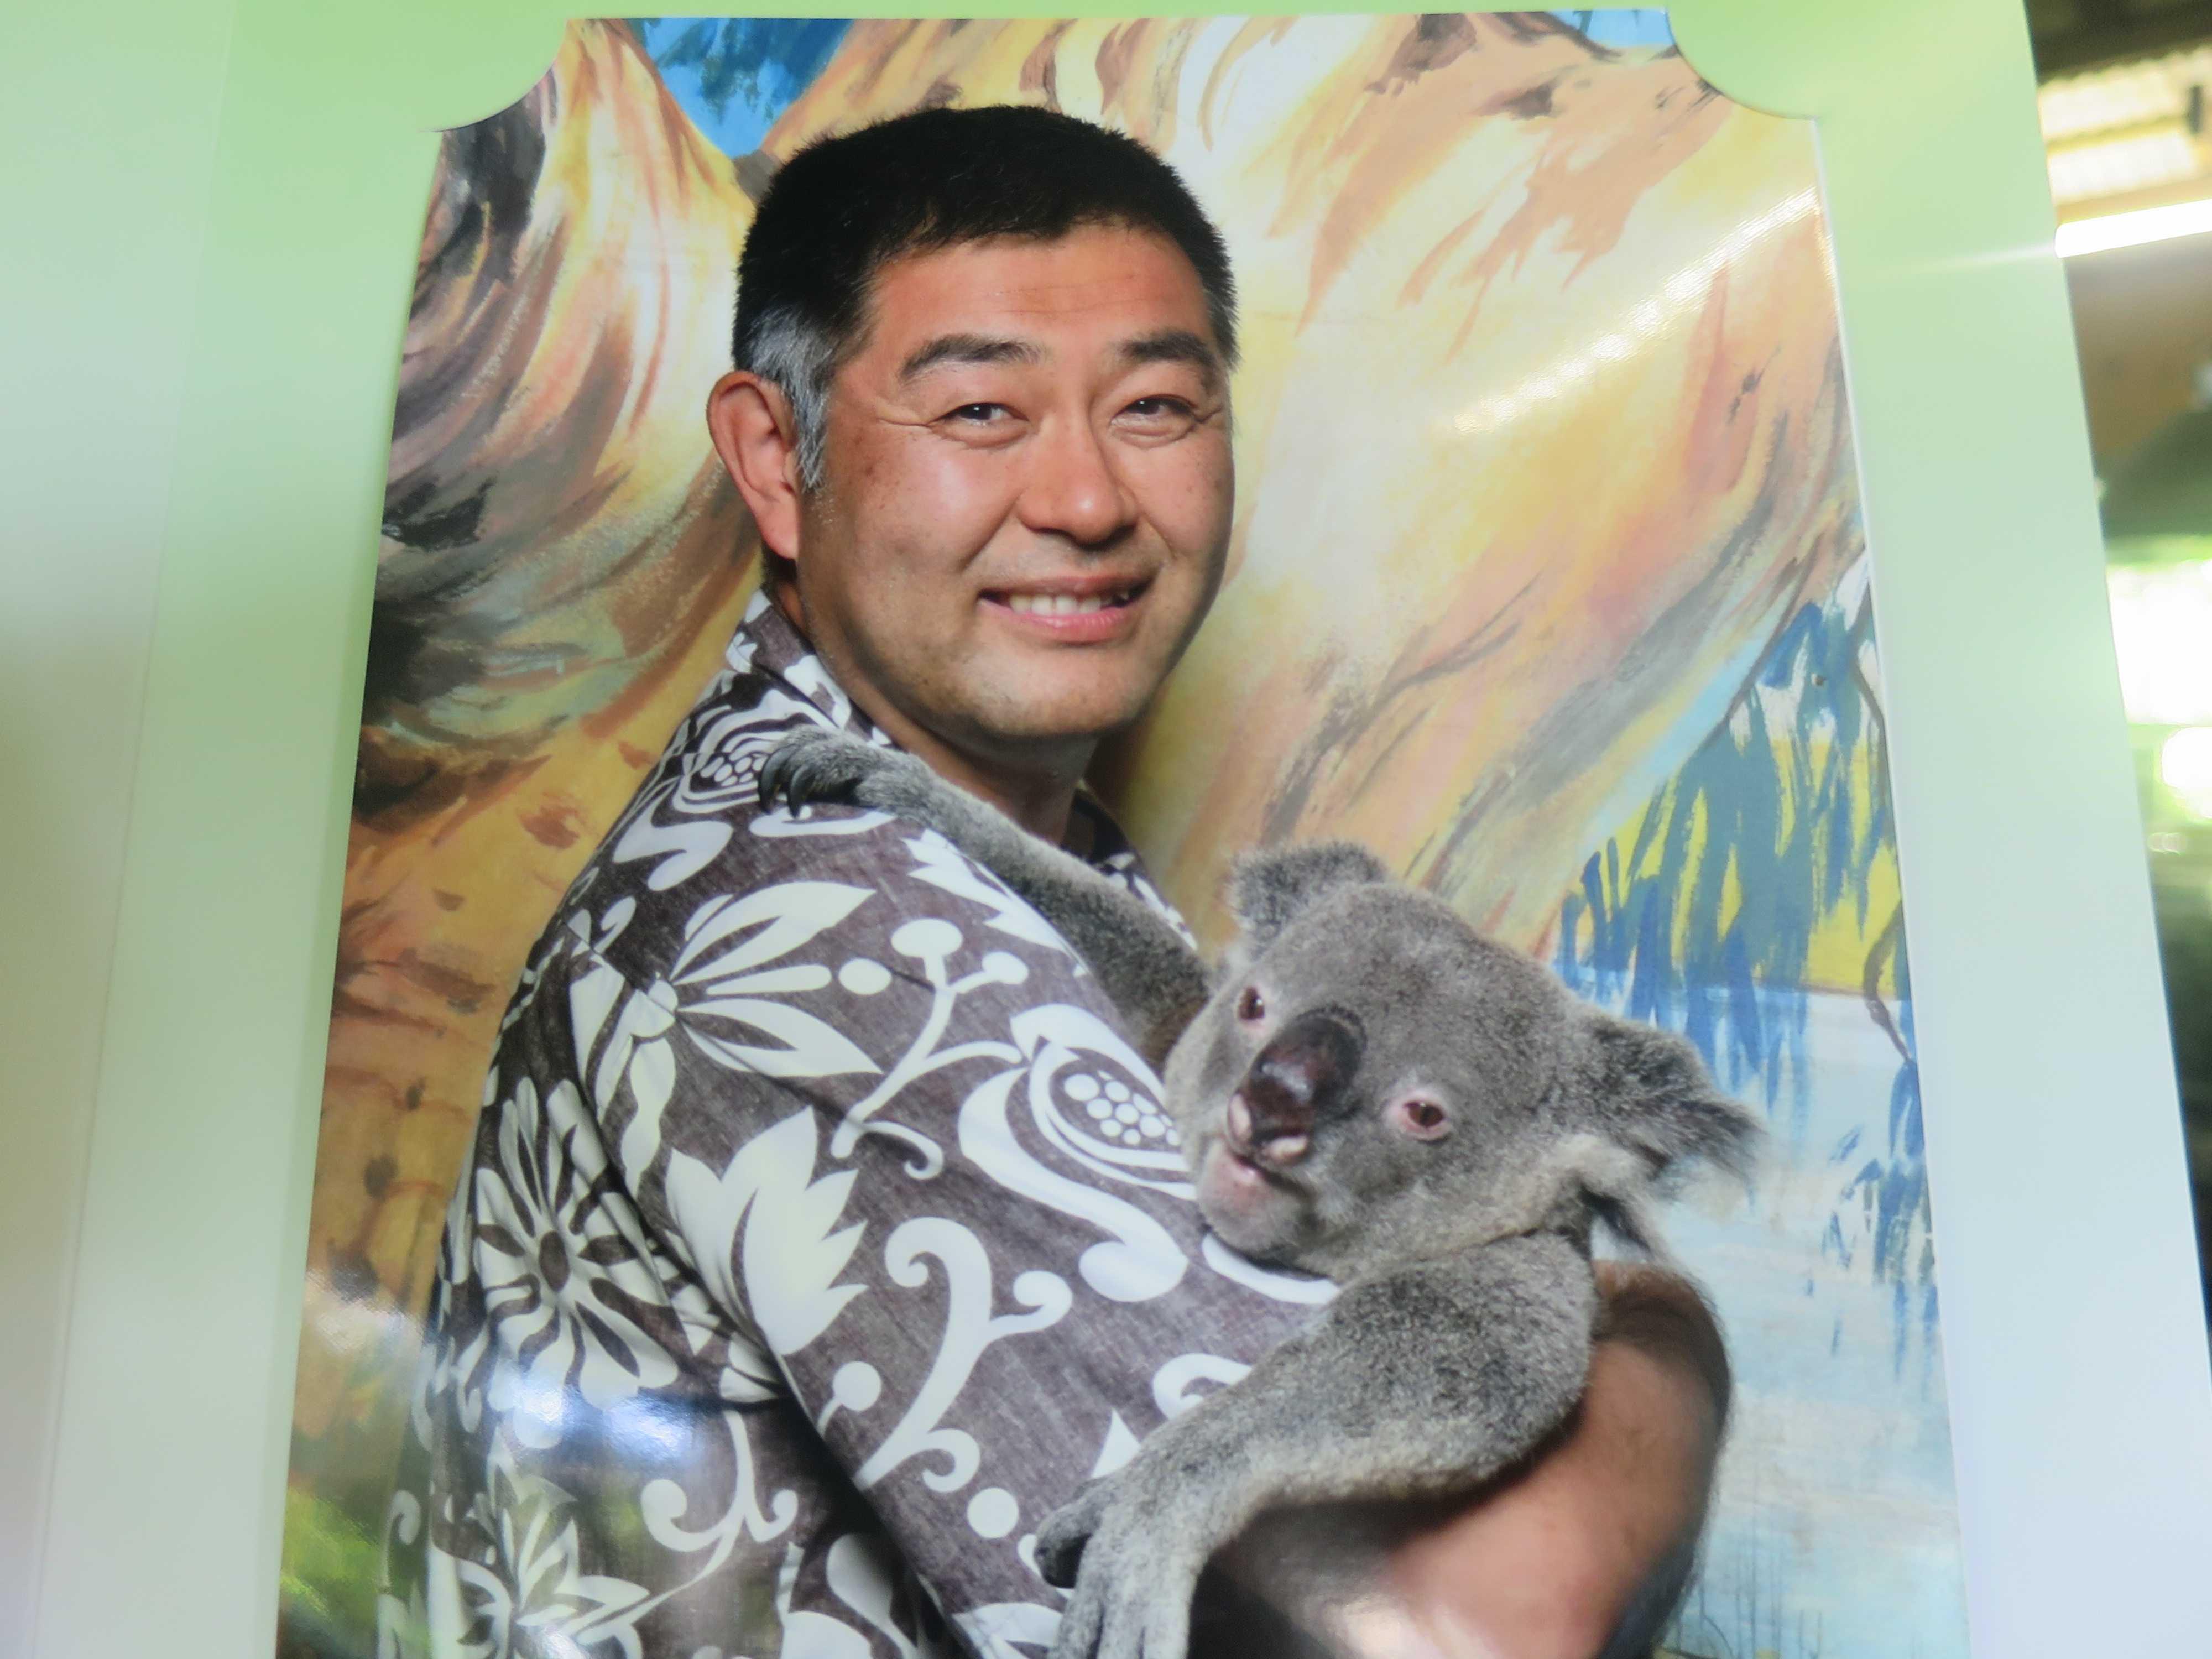 ケアンズトロピカルズー(ケアンズ動物園): コアラ抱っこ